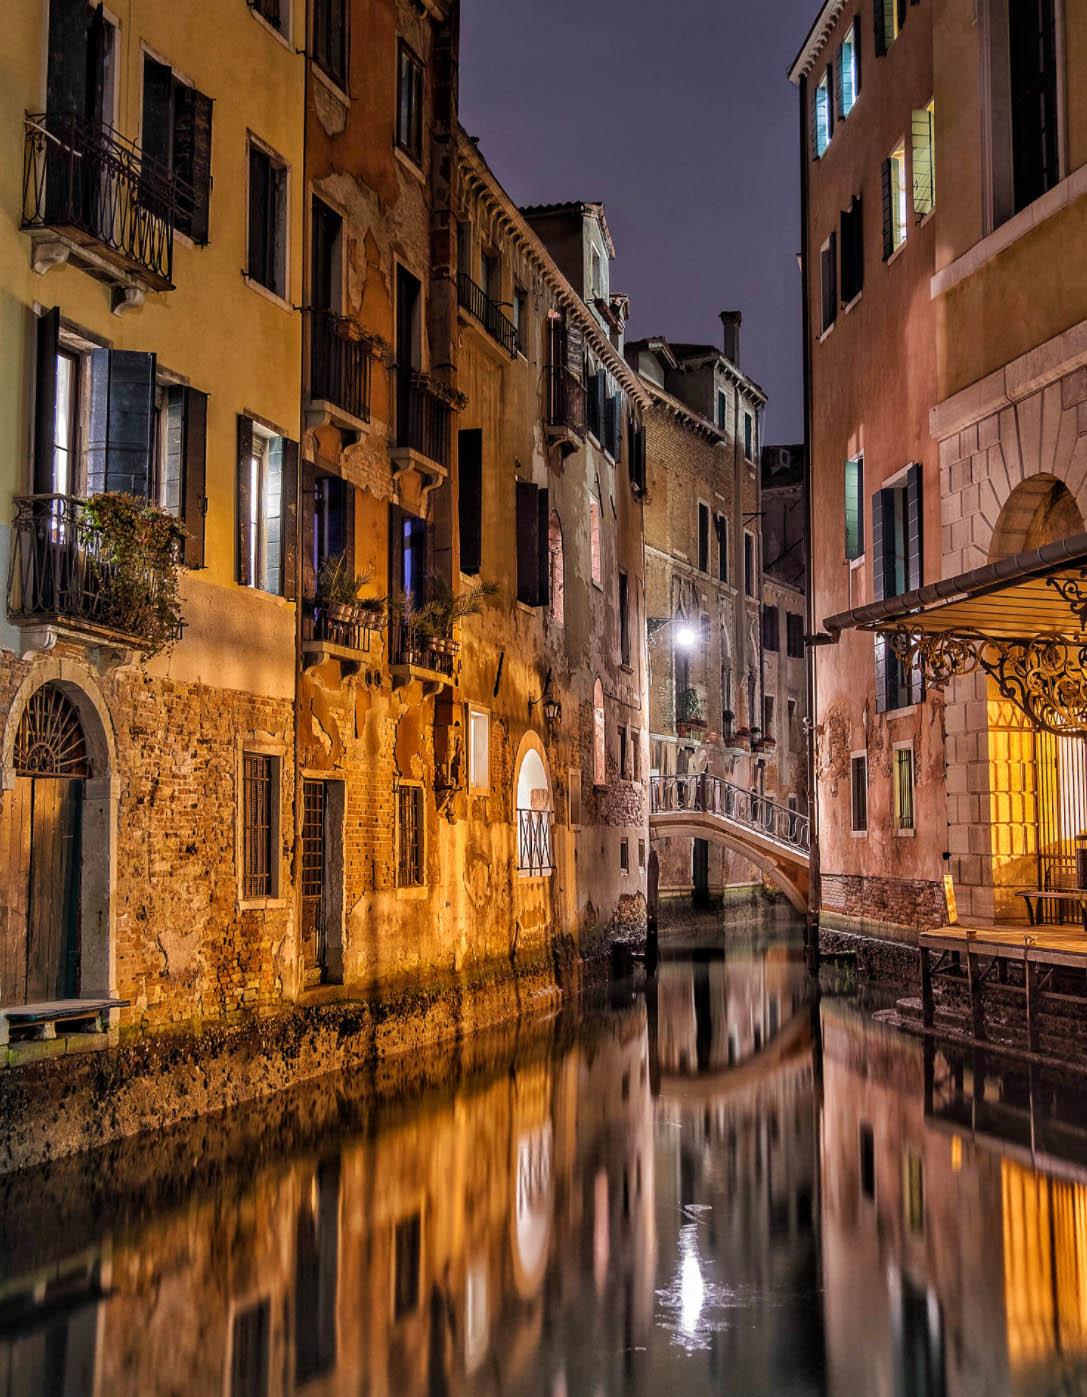 Teatro la Fenice - Venice - Private tour of Italy